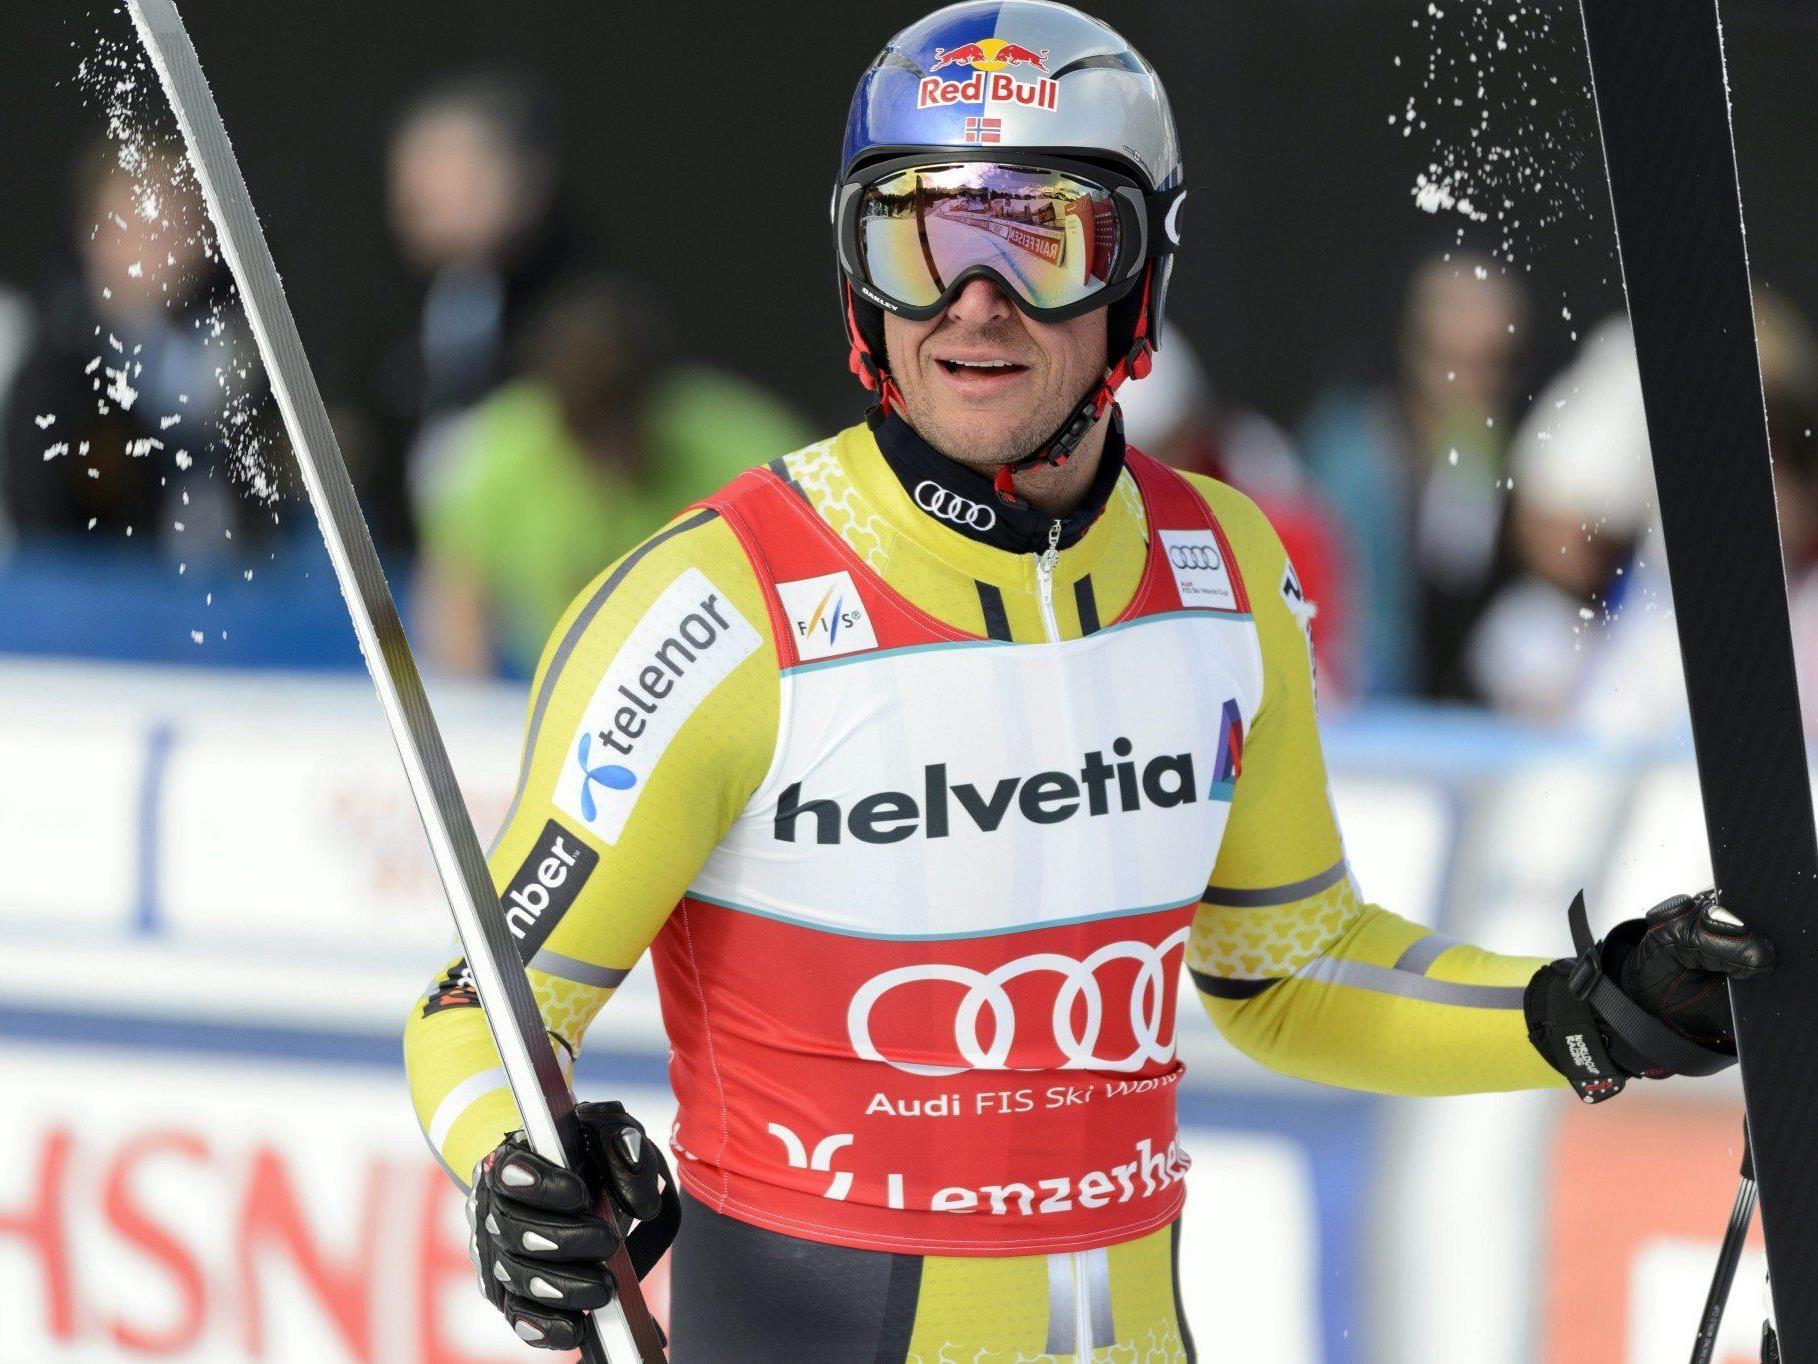 Die Weltcup-Abfahrtswertung 2012/2013 geht an den Norweger Aksel Lund Svindal.